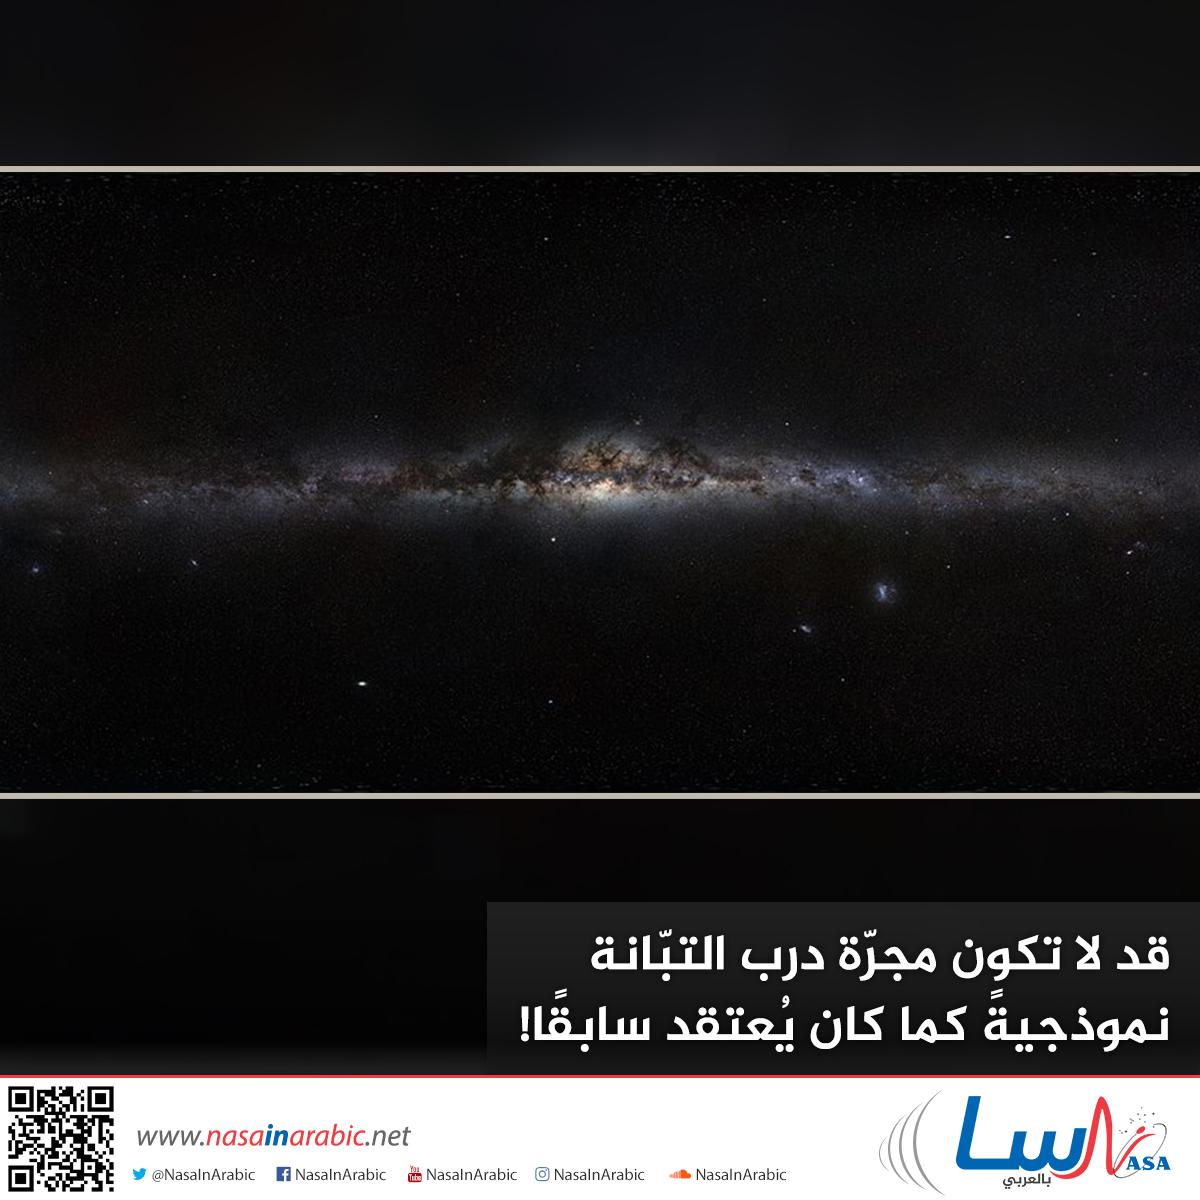 قد لا تكون مجرة درب التبانة نموذجية كما كان يعتقد سابقًا!